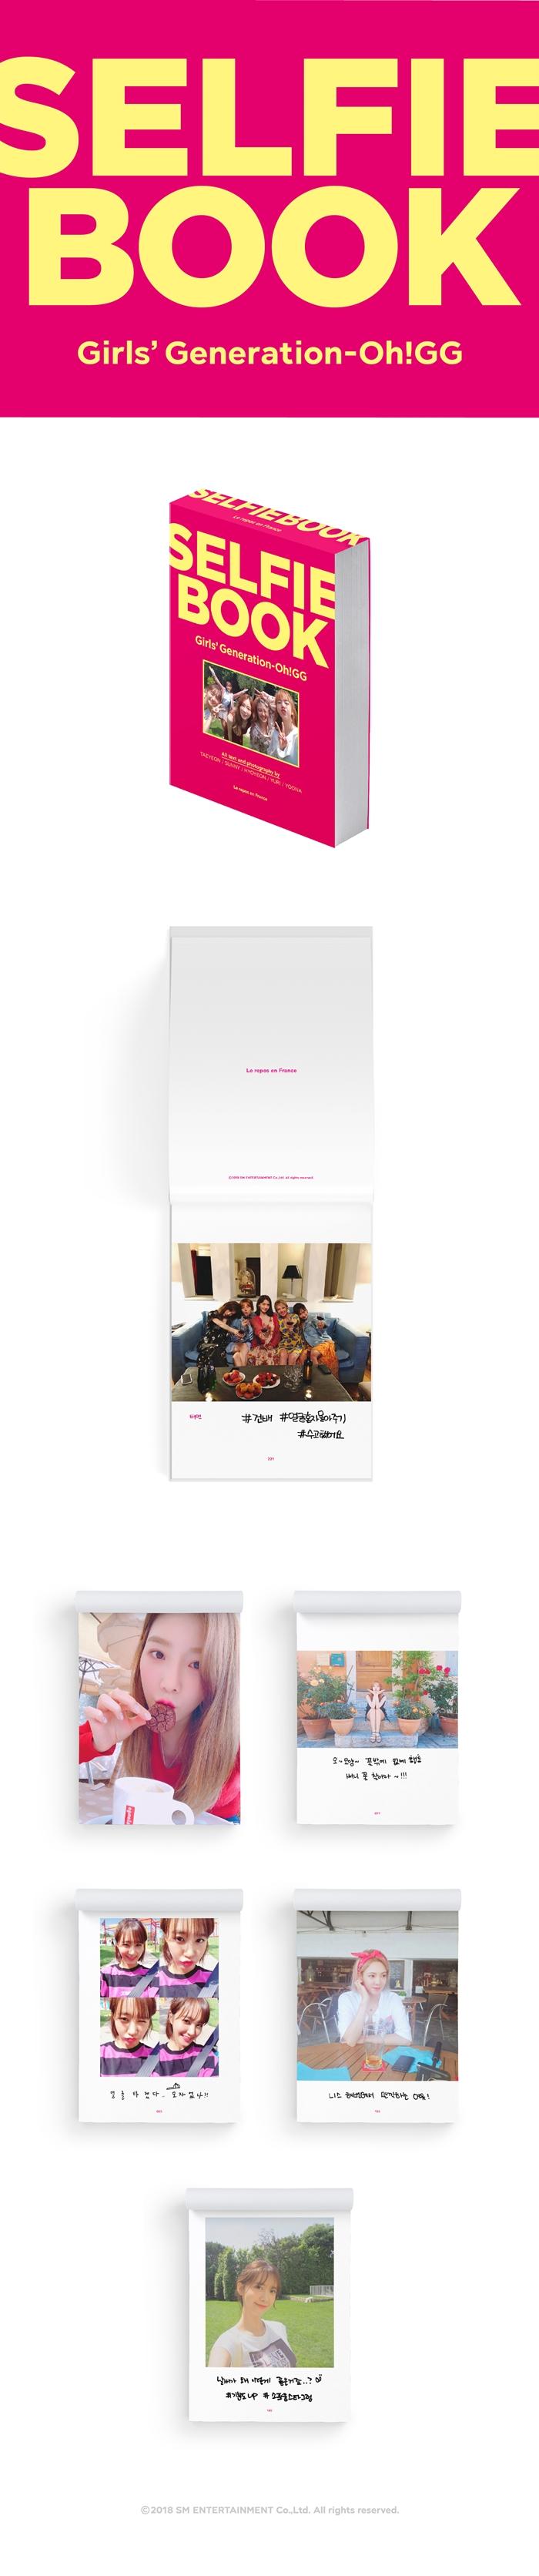 SNSD - SELFIE BOOK : Girls Generation-Oh!GG